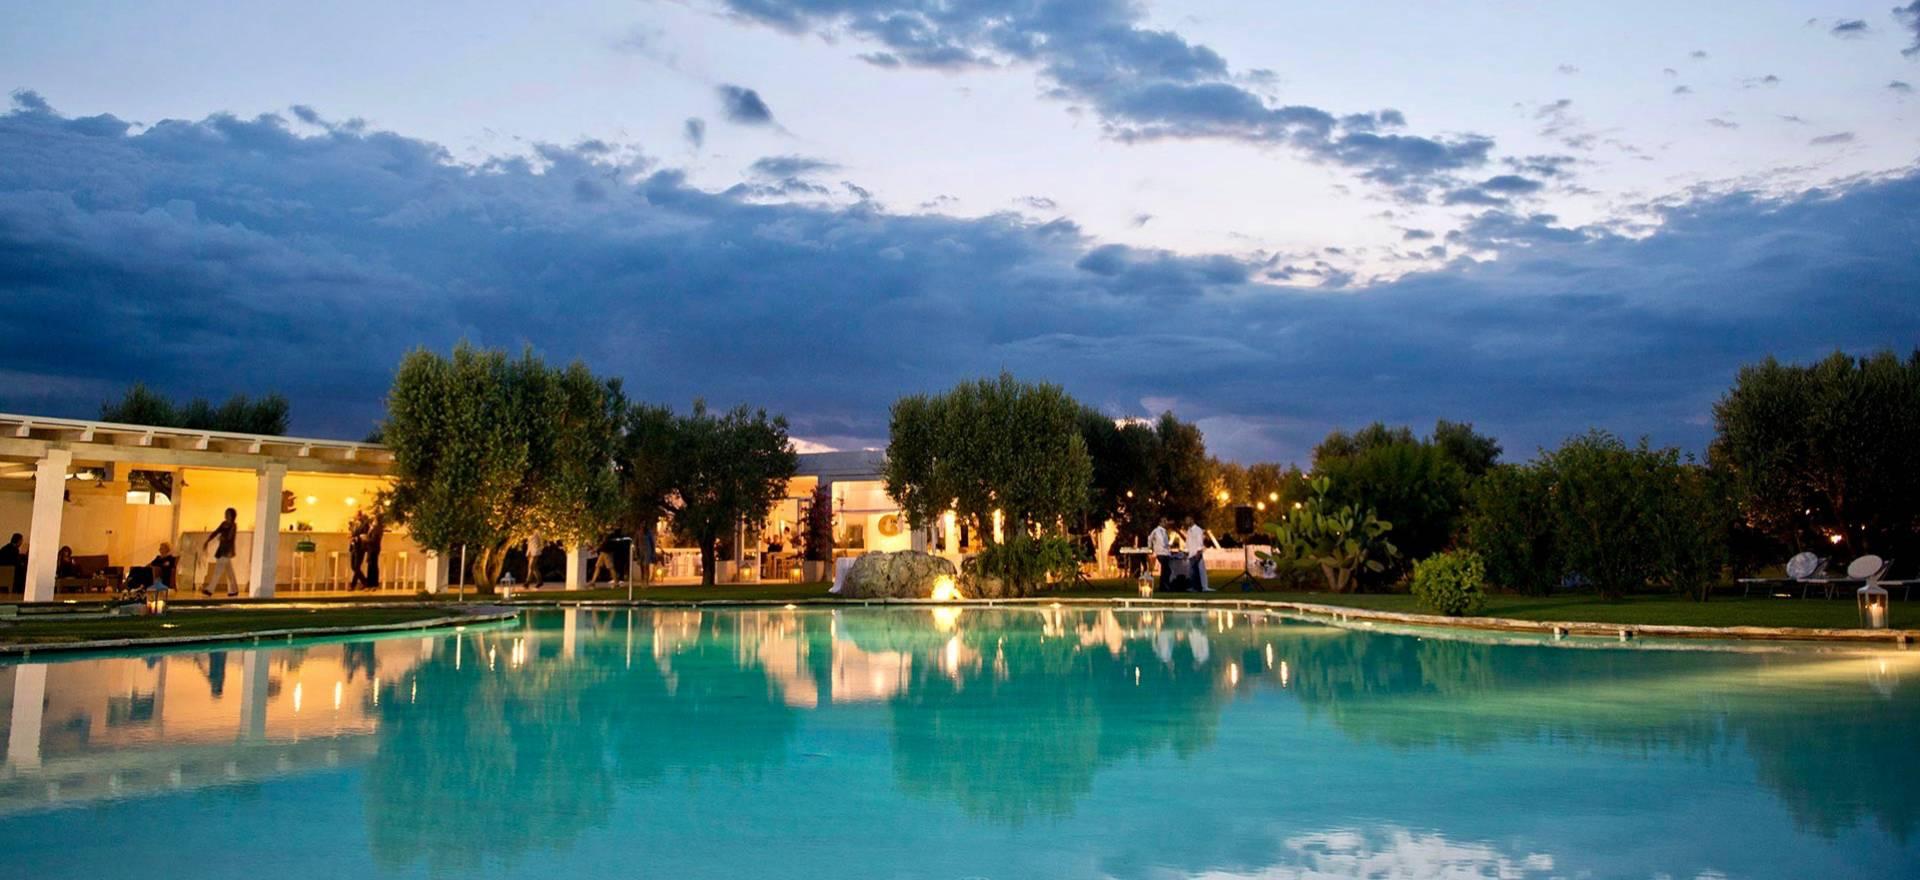 Agriturismo di lusso con piscina e vicino al mare - Agriturismo napoli con piscina ...